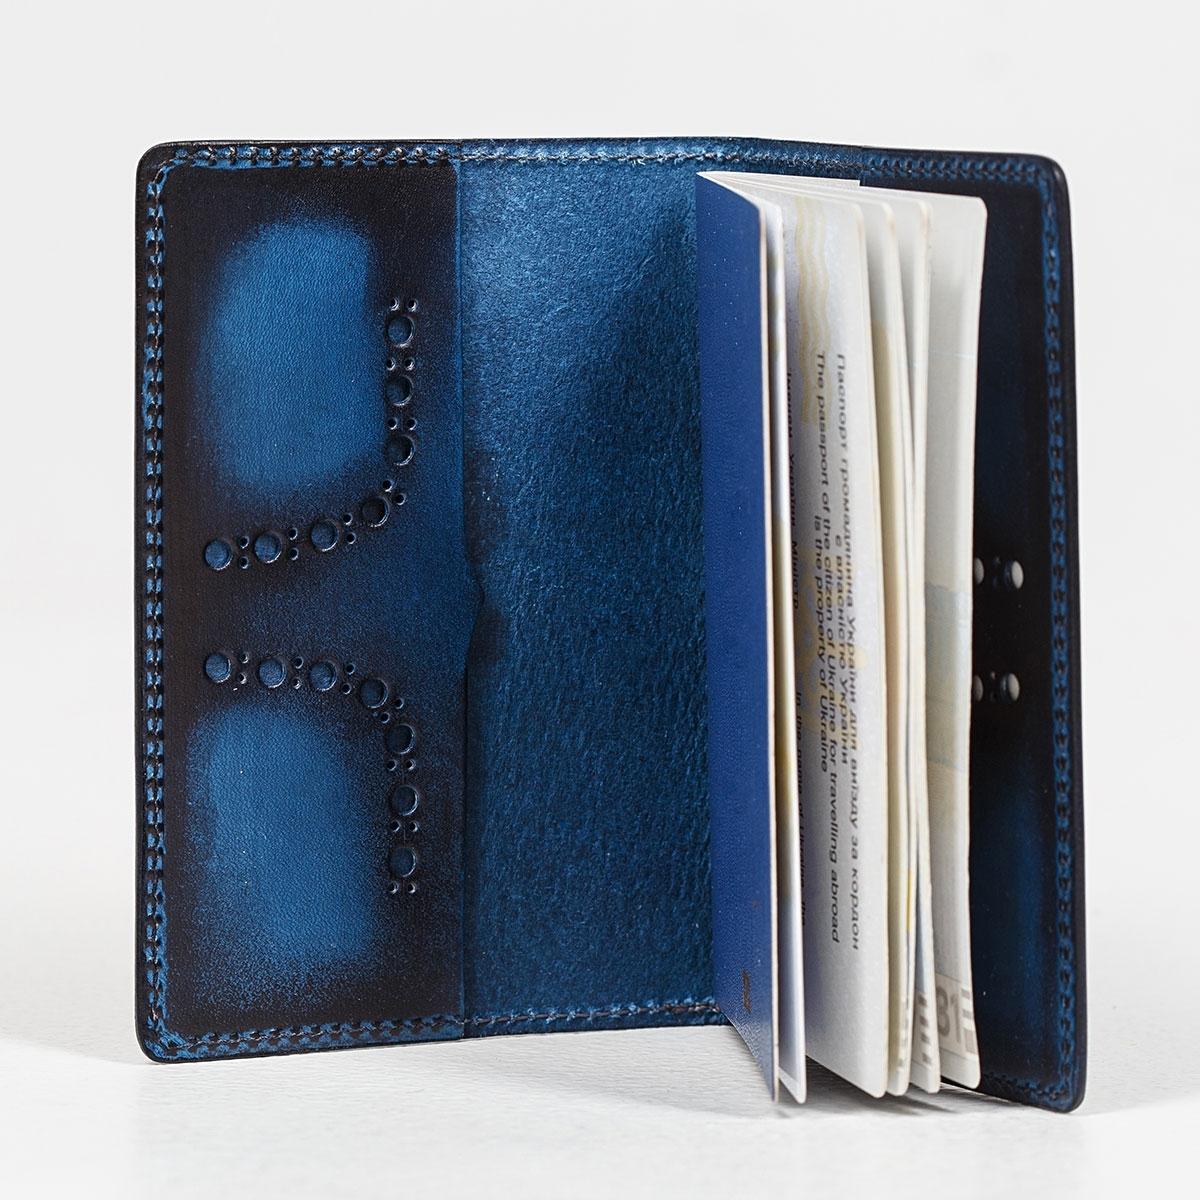 Обложка для паспорта CYNARA голубой сапфир